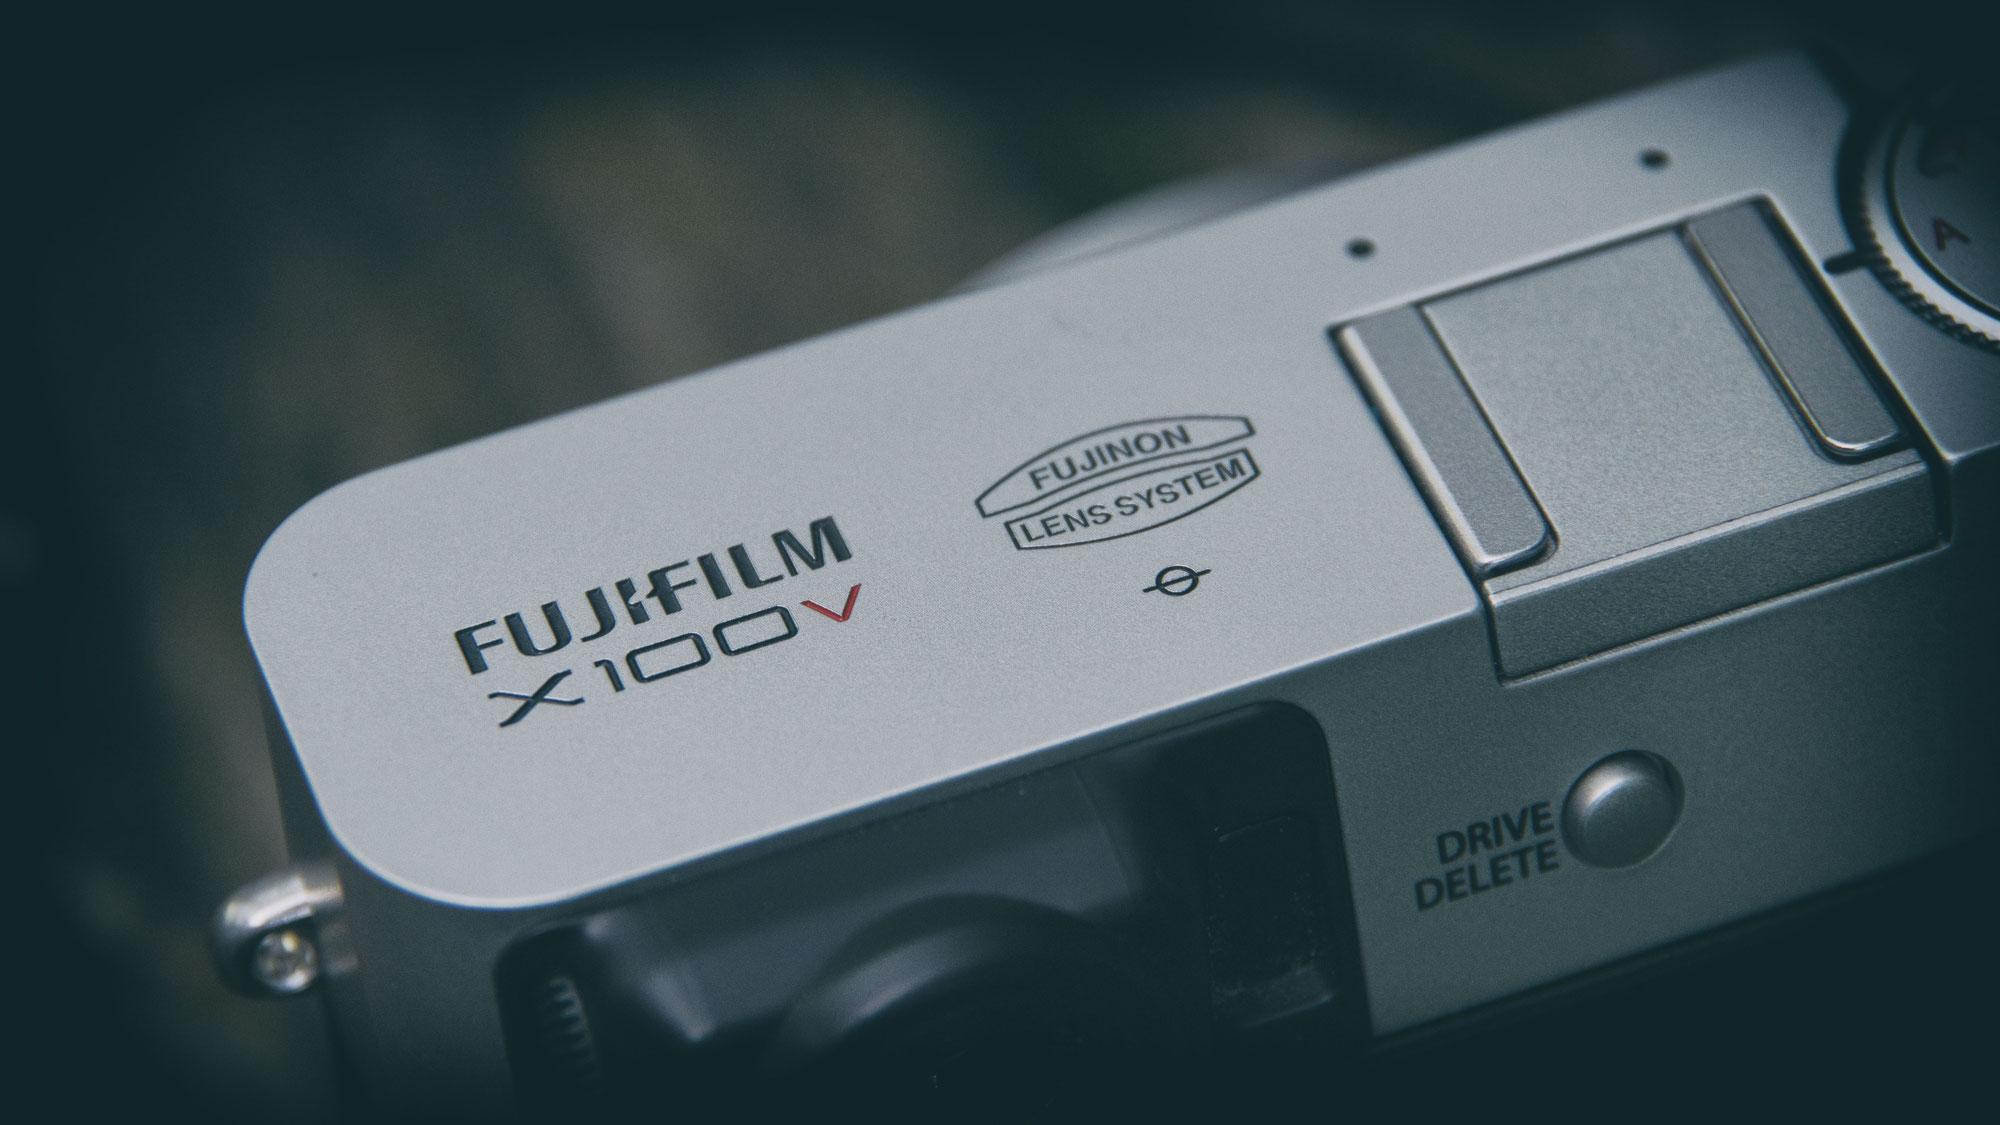 Fuji x100v - Filmsimulationen? Kann das weg oder ist es nur hype? Und wenn ja, welche sind geiler?